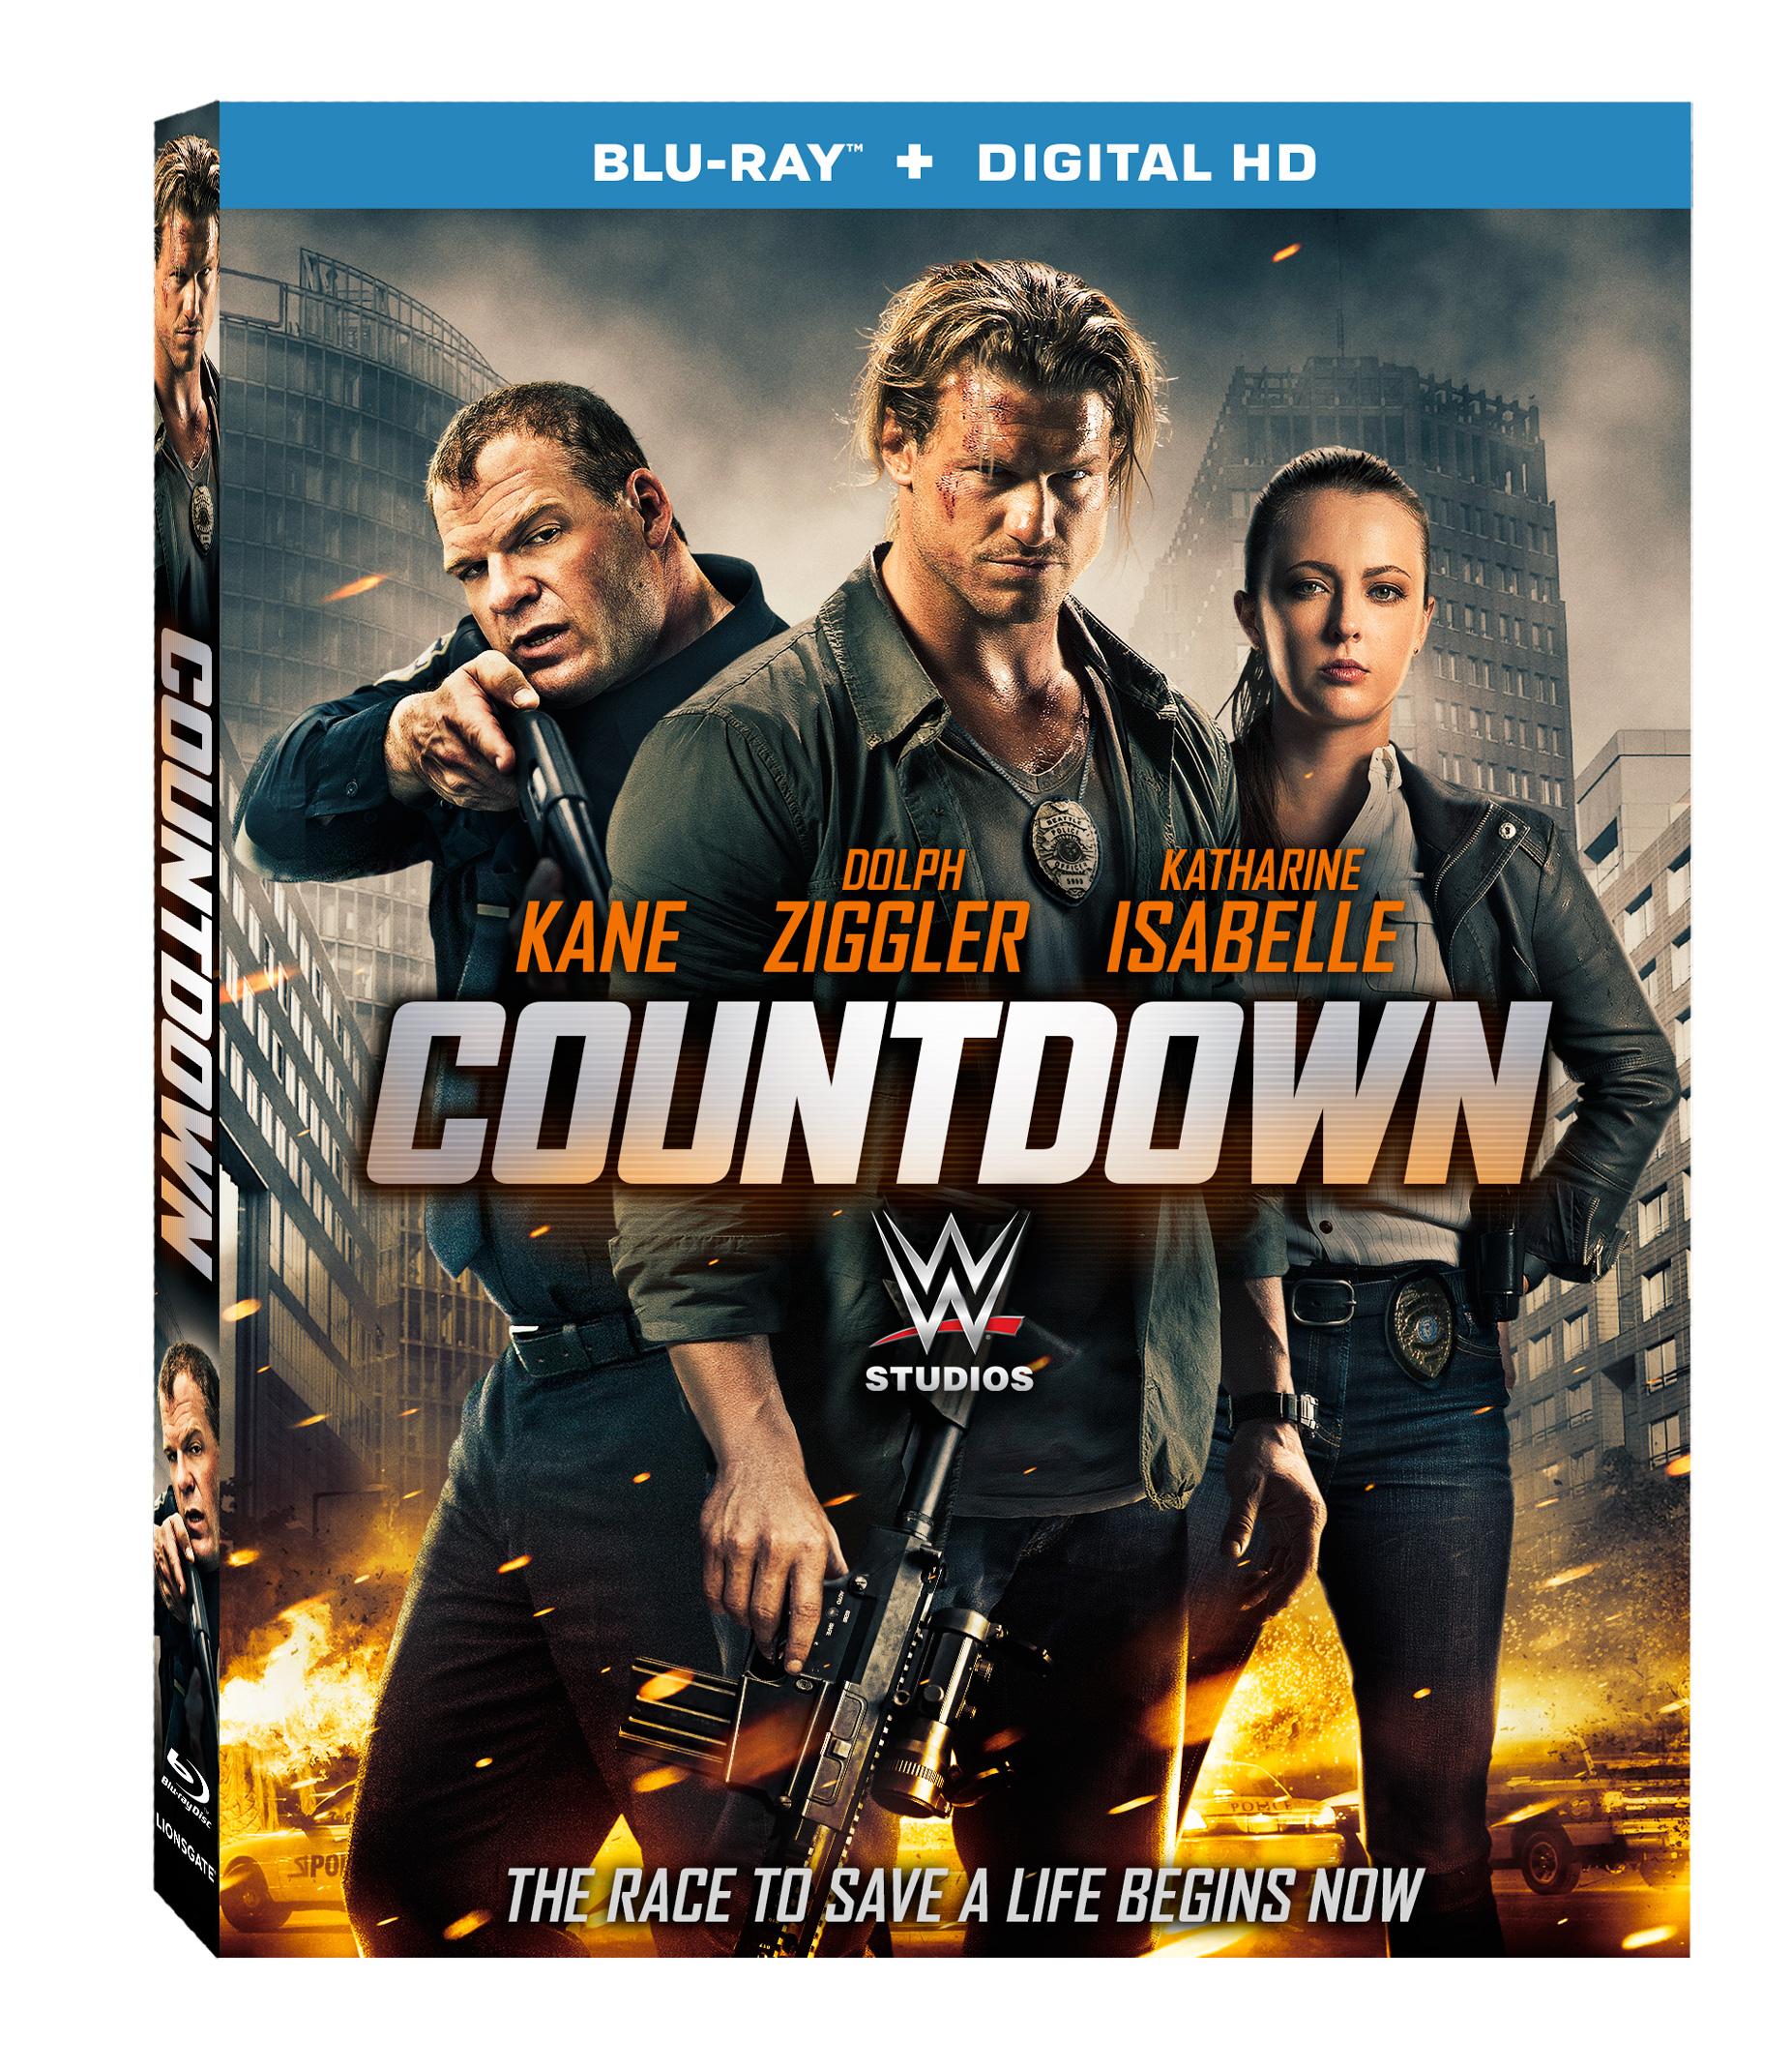 Kane & Dolph Ziggler In Countdown